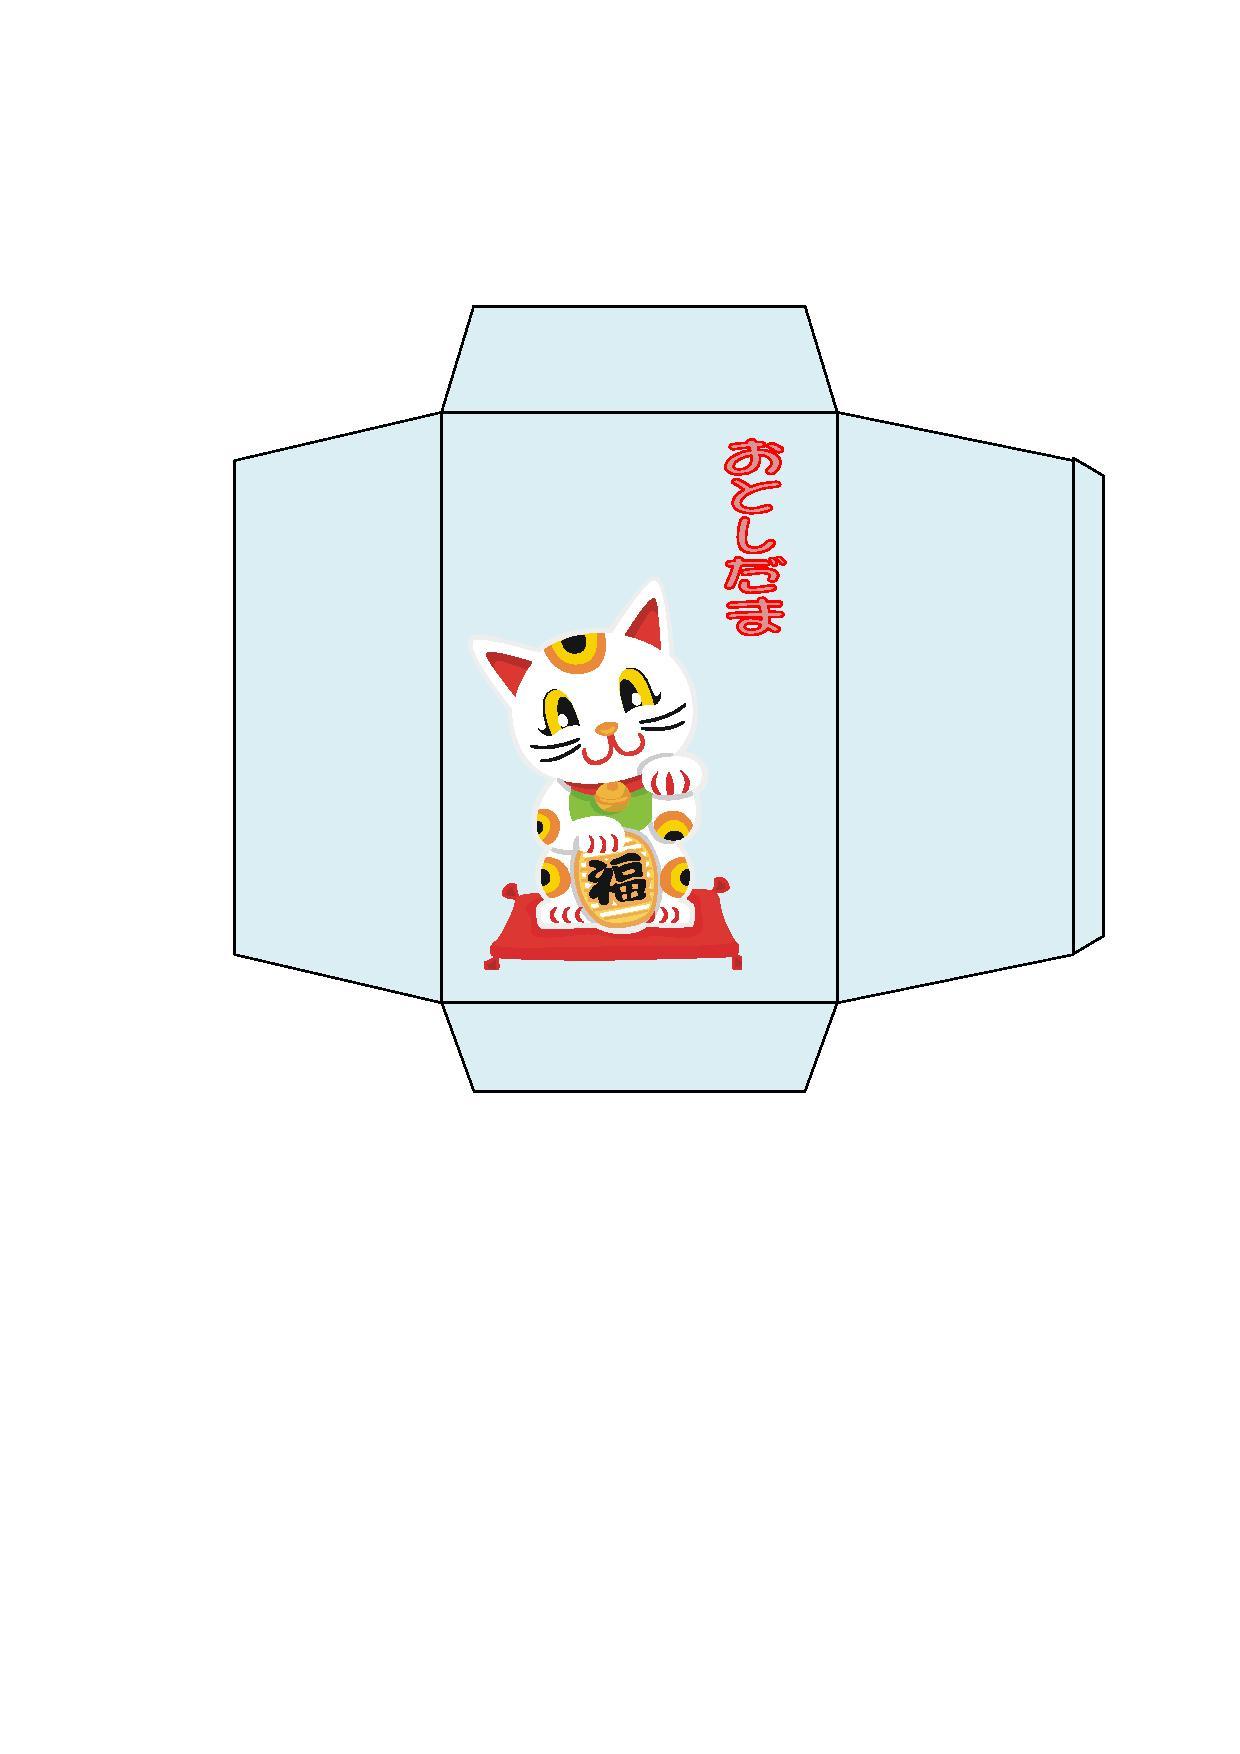 おとしだま袋(ポチ袋)作成_f0173971_1225126.jpg